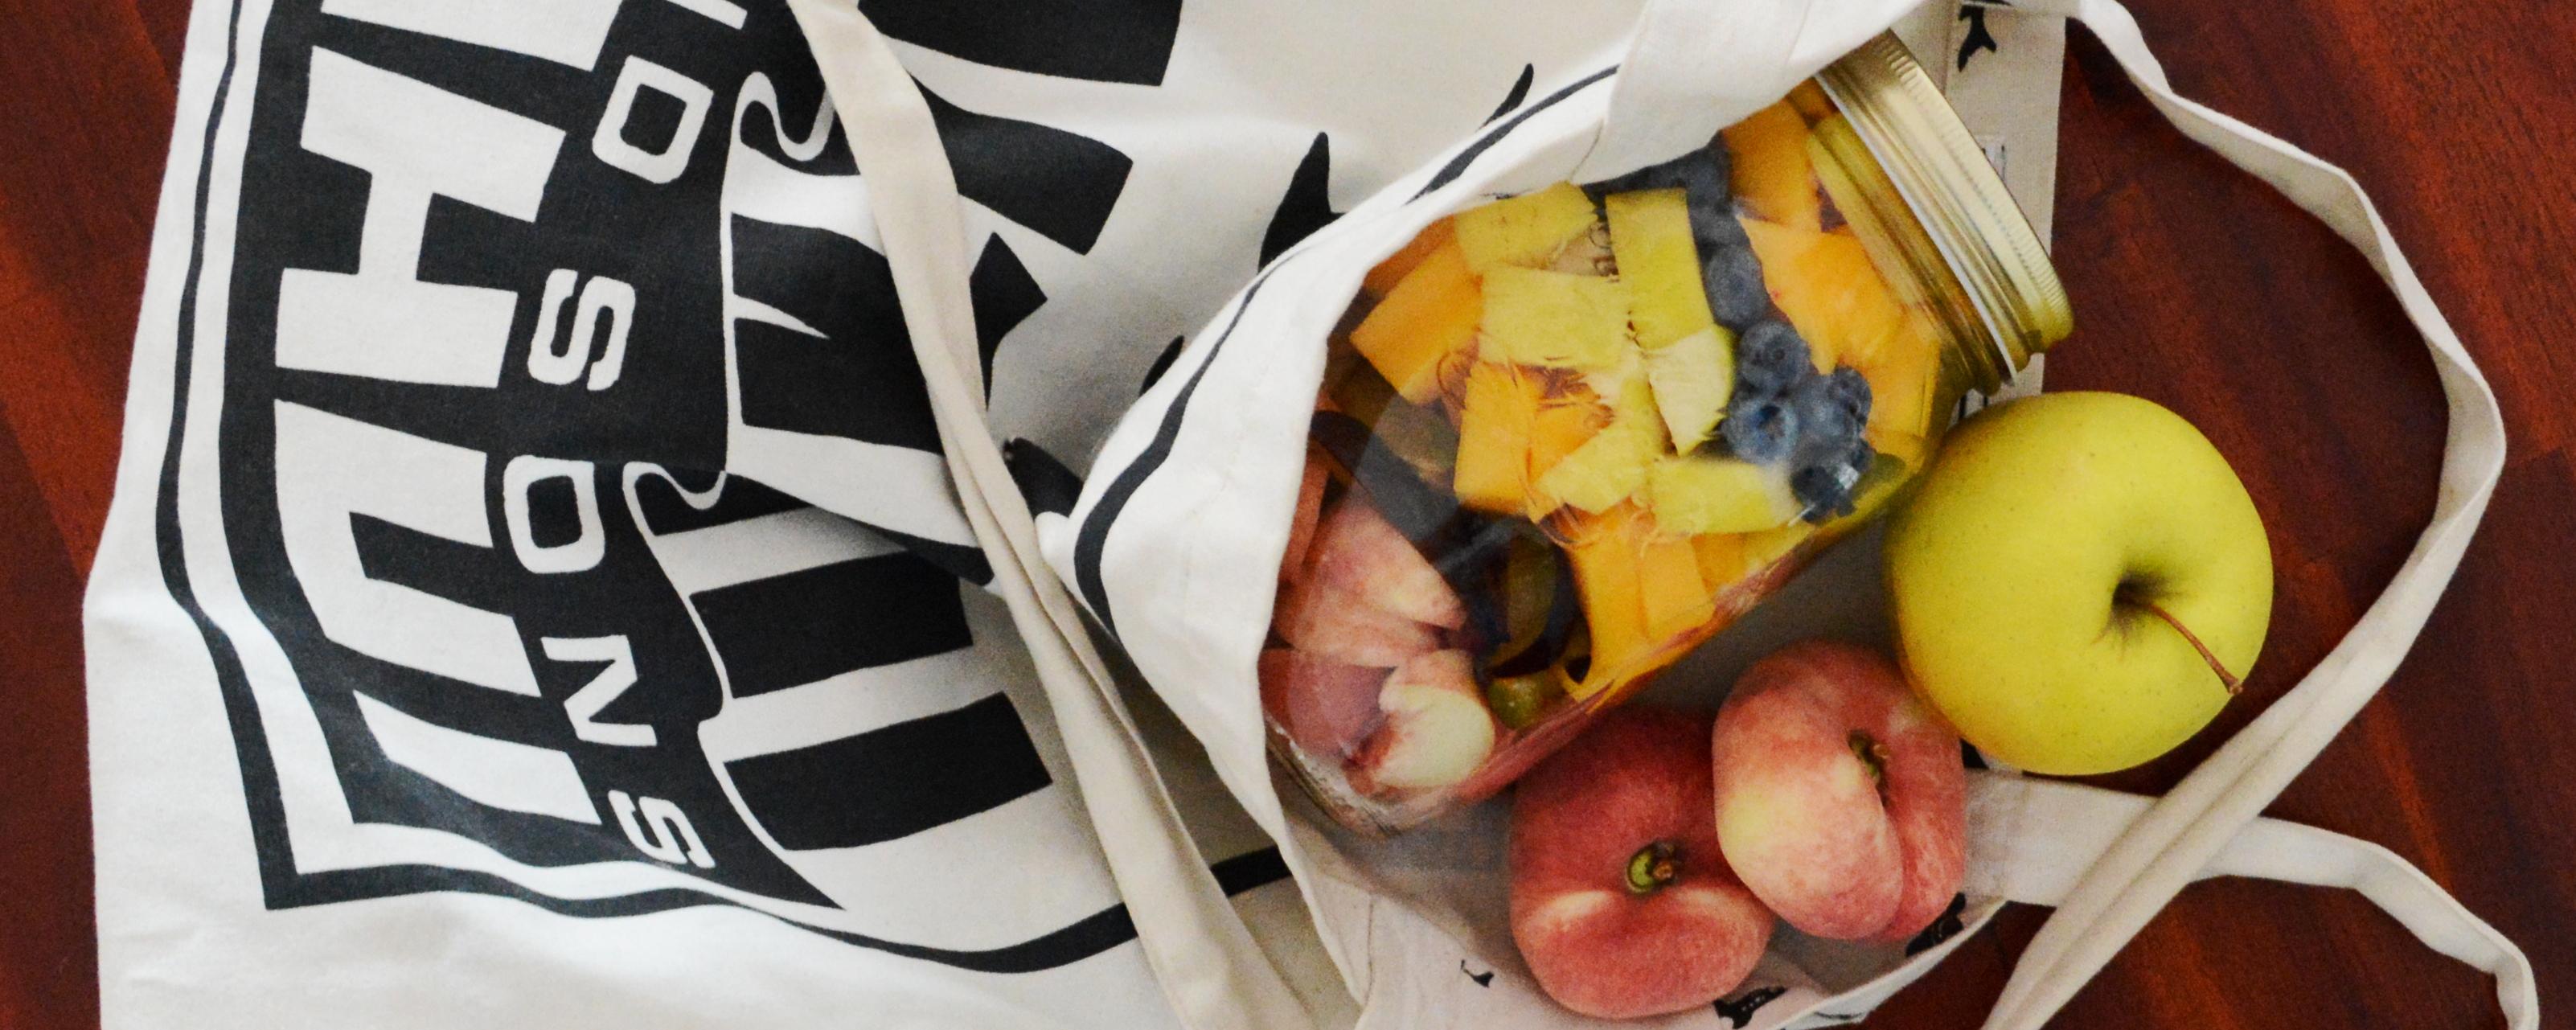 Obst ganz einfach im Glas mitnehmen.